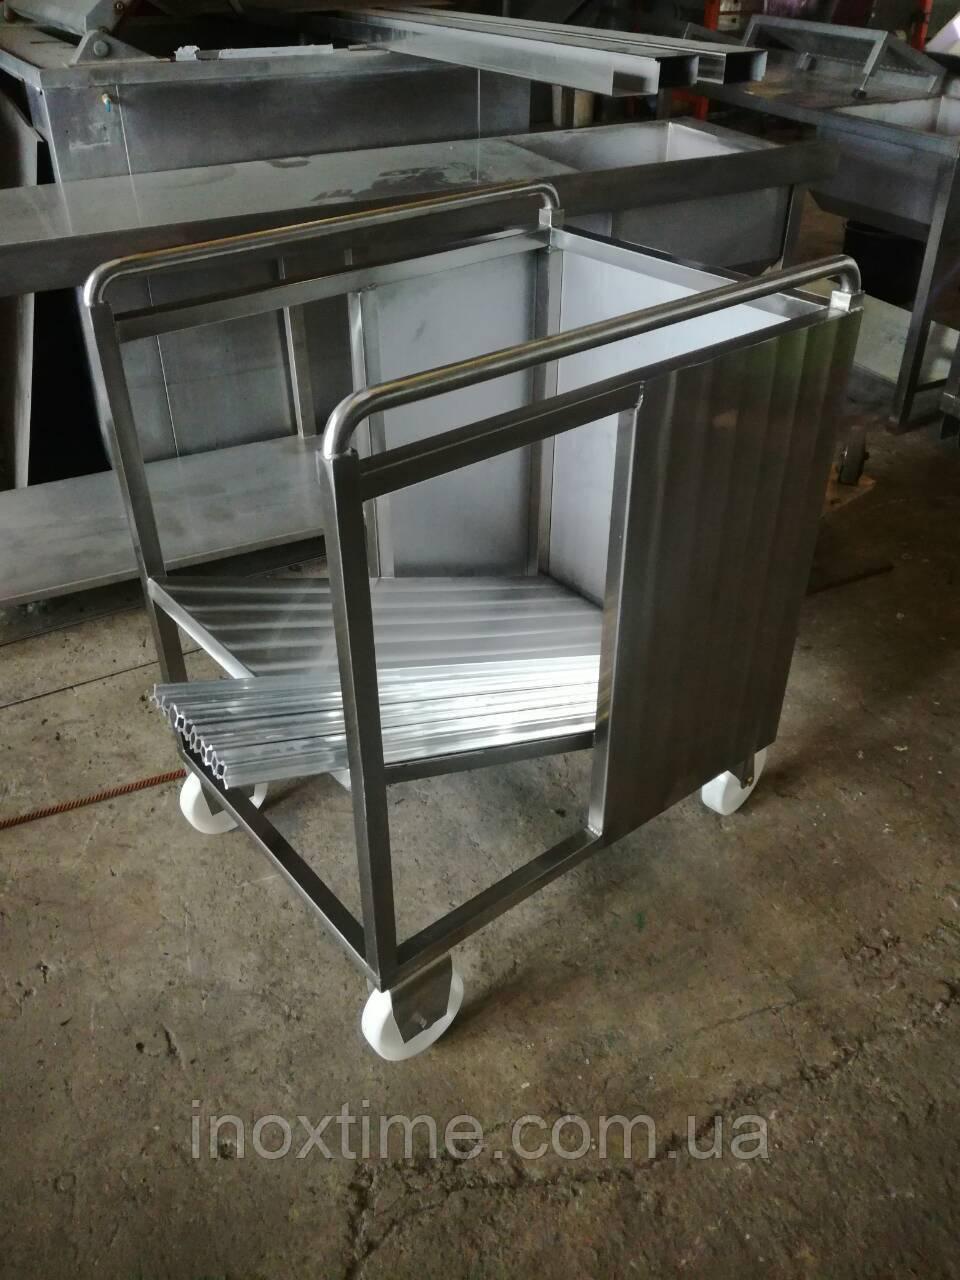 Тележка транспортировочная для коптильных палок (вешал) вместимостью  до 800 шт.